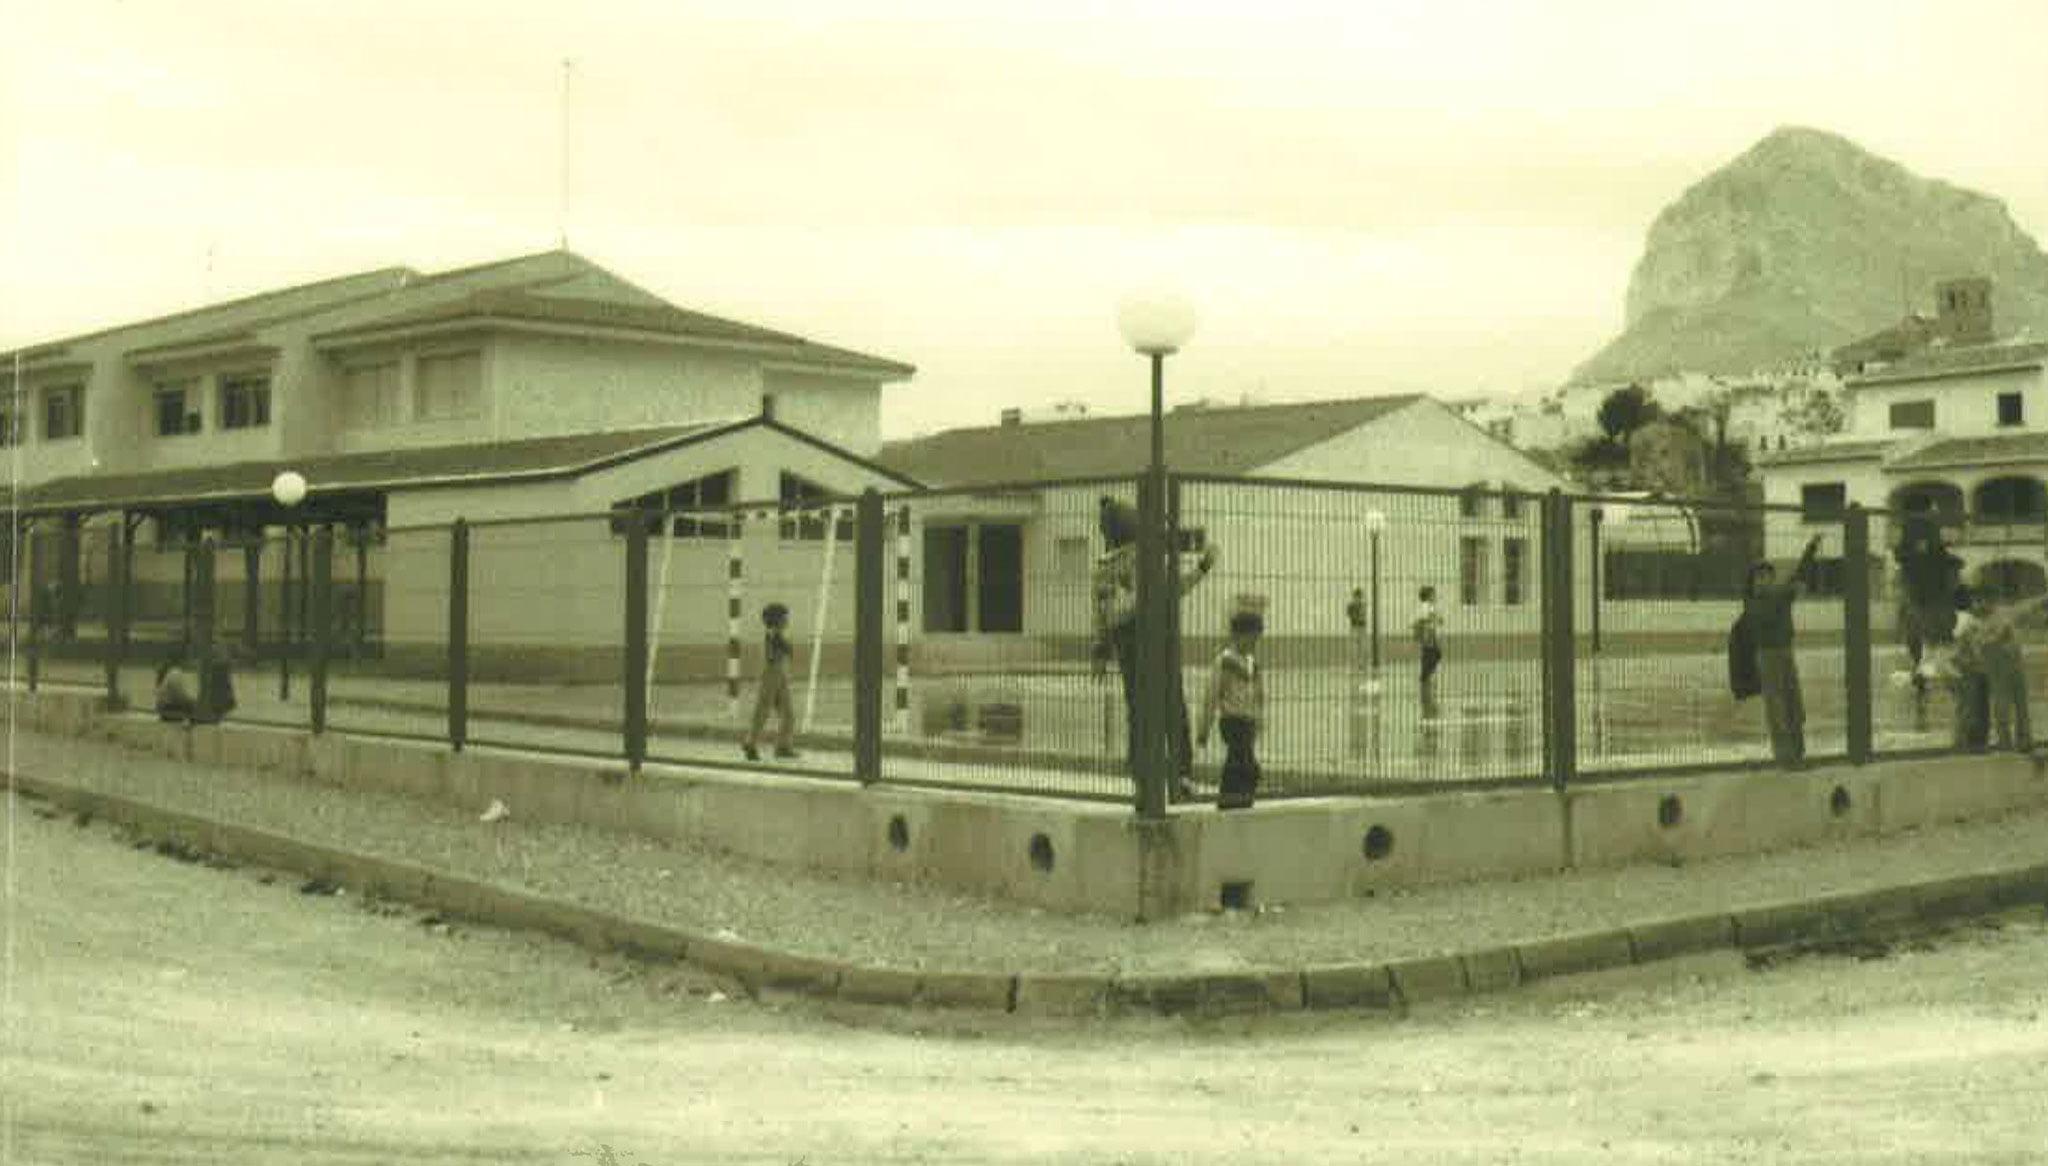 Imagen en blanco y negro del exterior del colegio Trenc d'Alba de Xàbia (Foto extraída del libro «25 anys al CEIP Trenc d'Alba», de 2009)